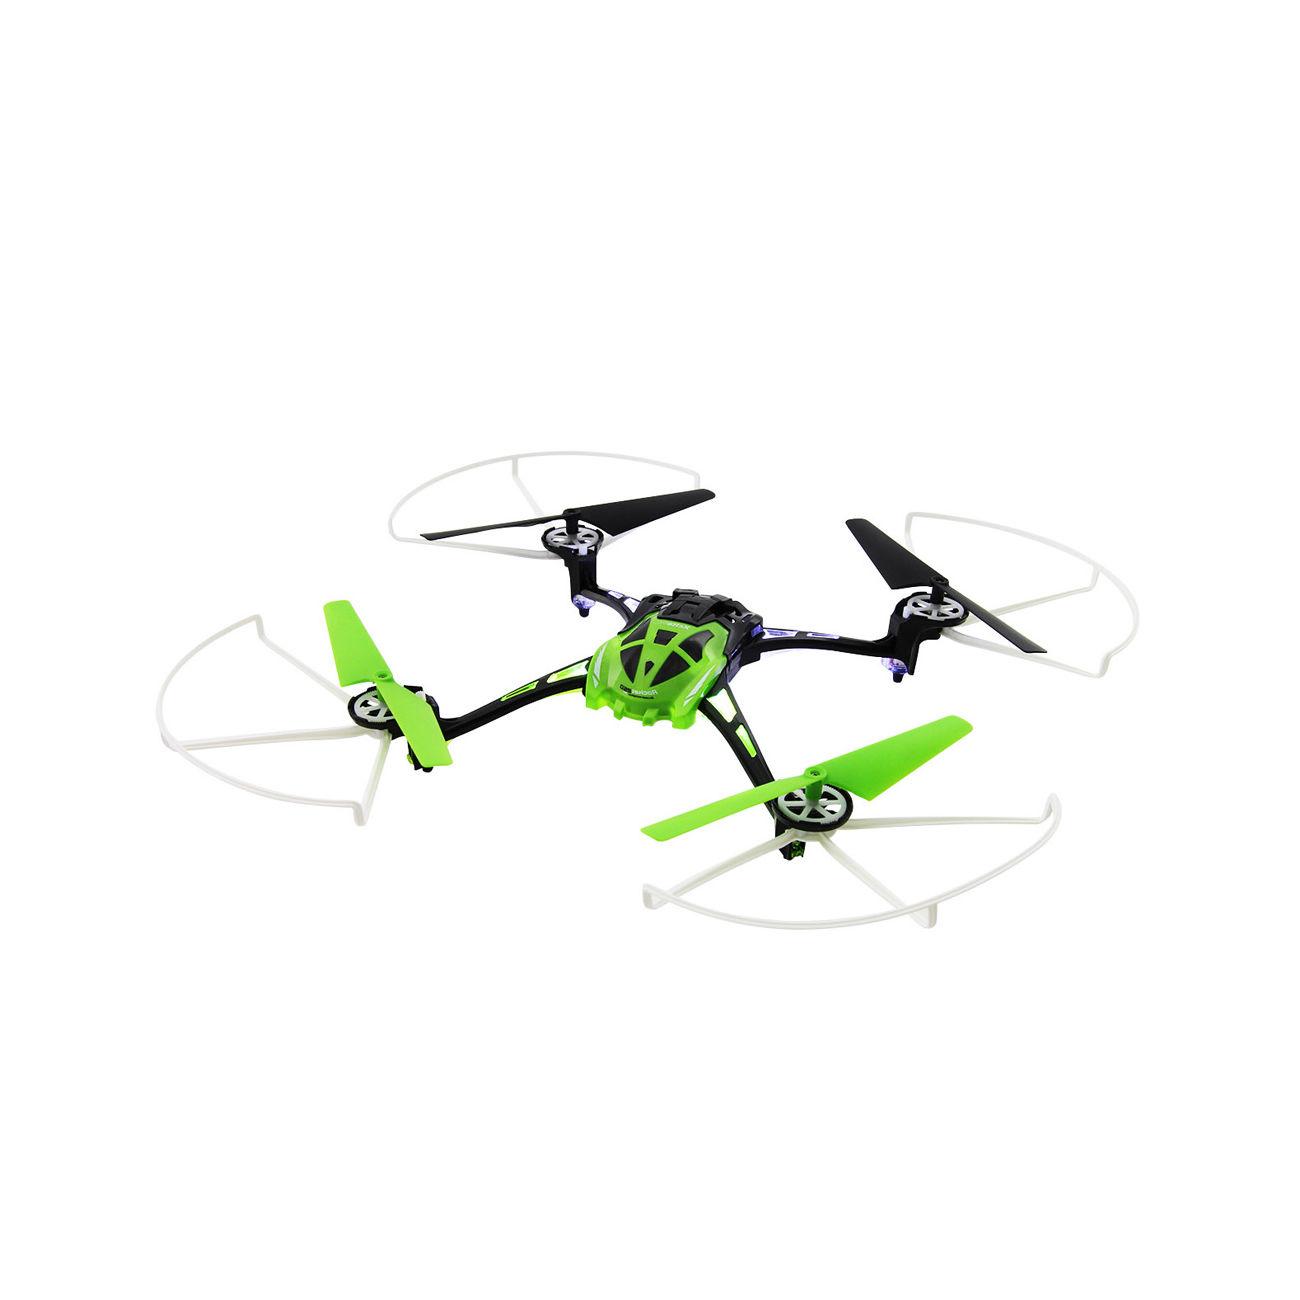 xciterc rocket 250 3d quadrocopter 4 kanal 2 4 ghz rtf gr n 15013100 kotte zeller. Black Bedroom Furniture Sets. Home Design Ideas